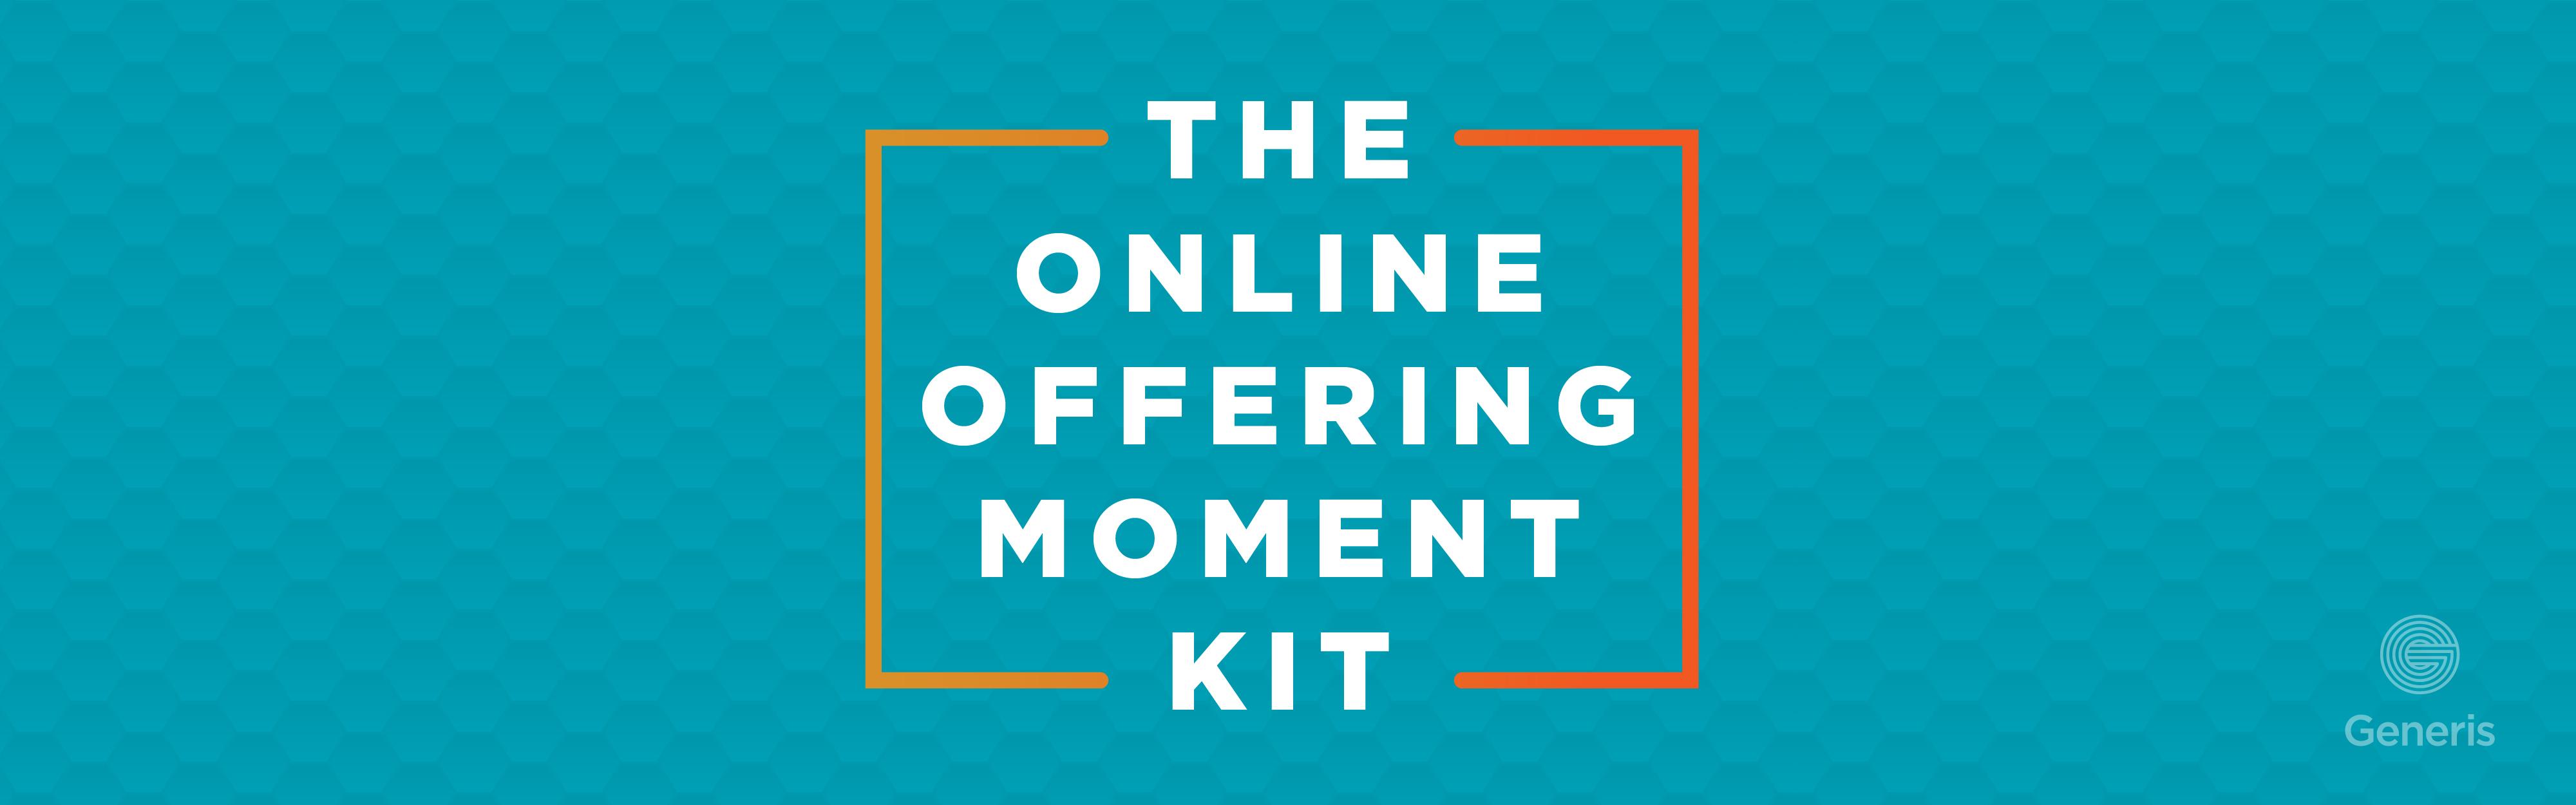 offering moment kit-01